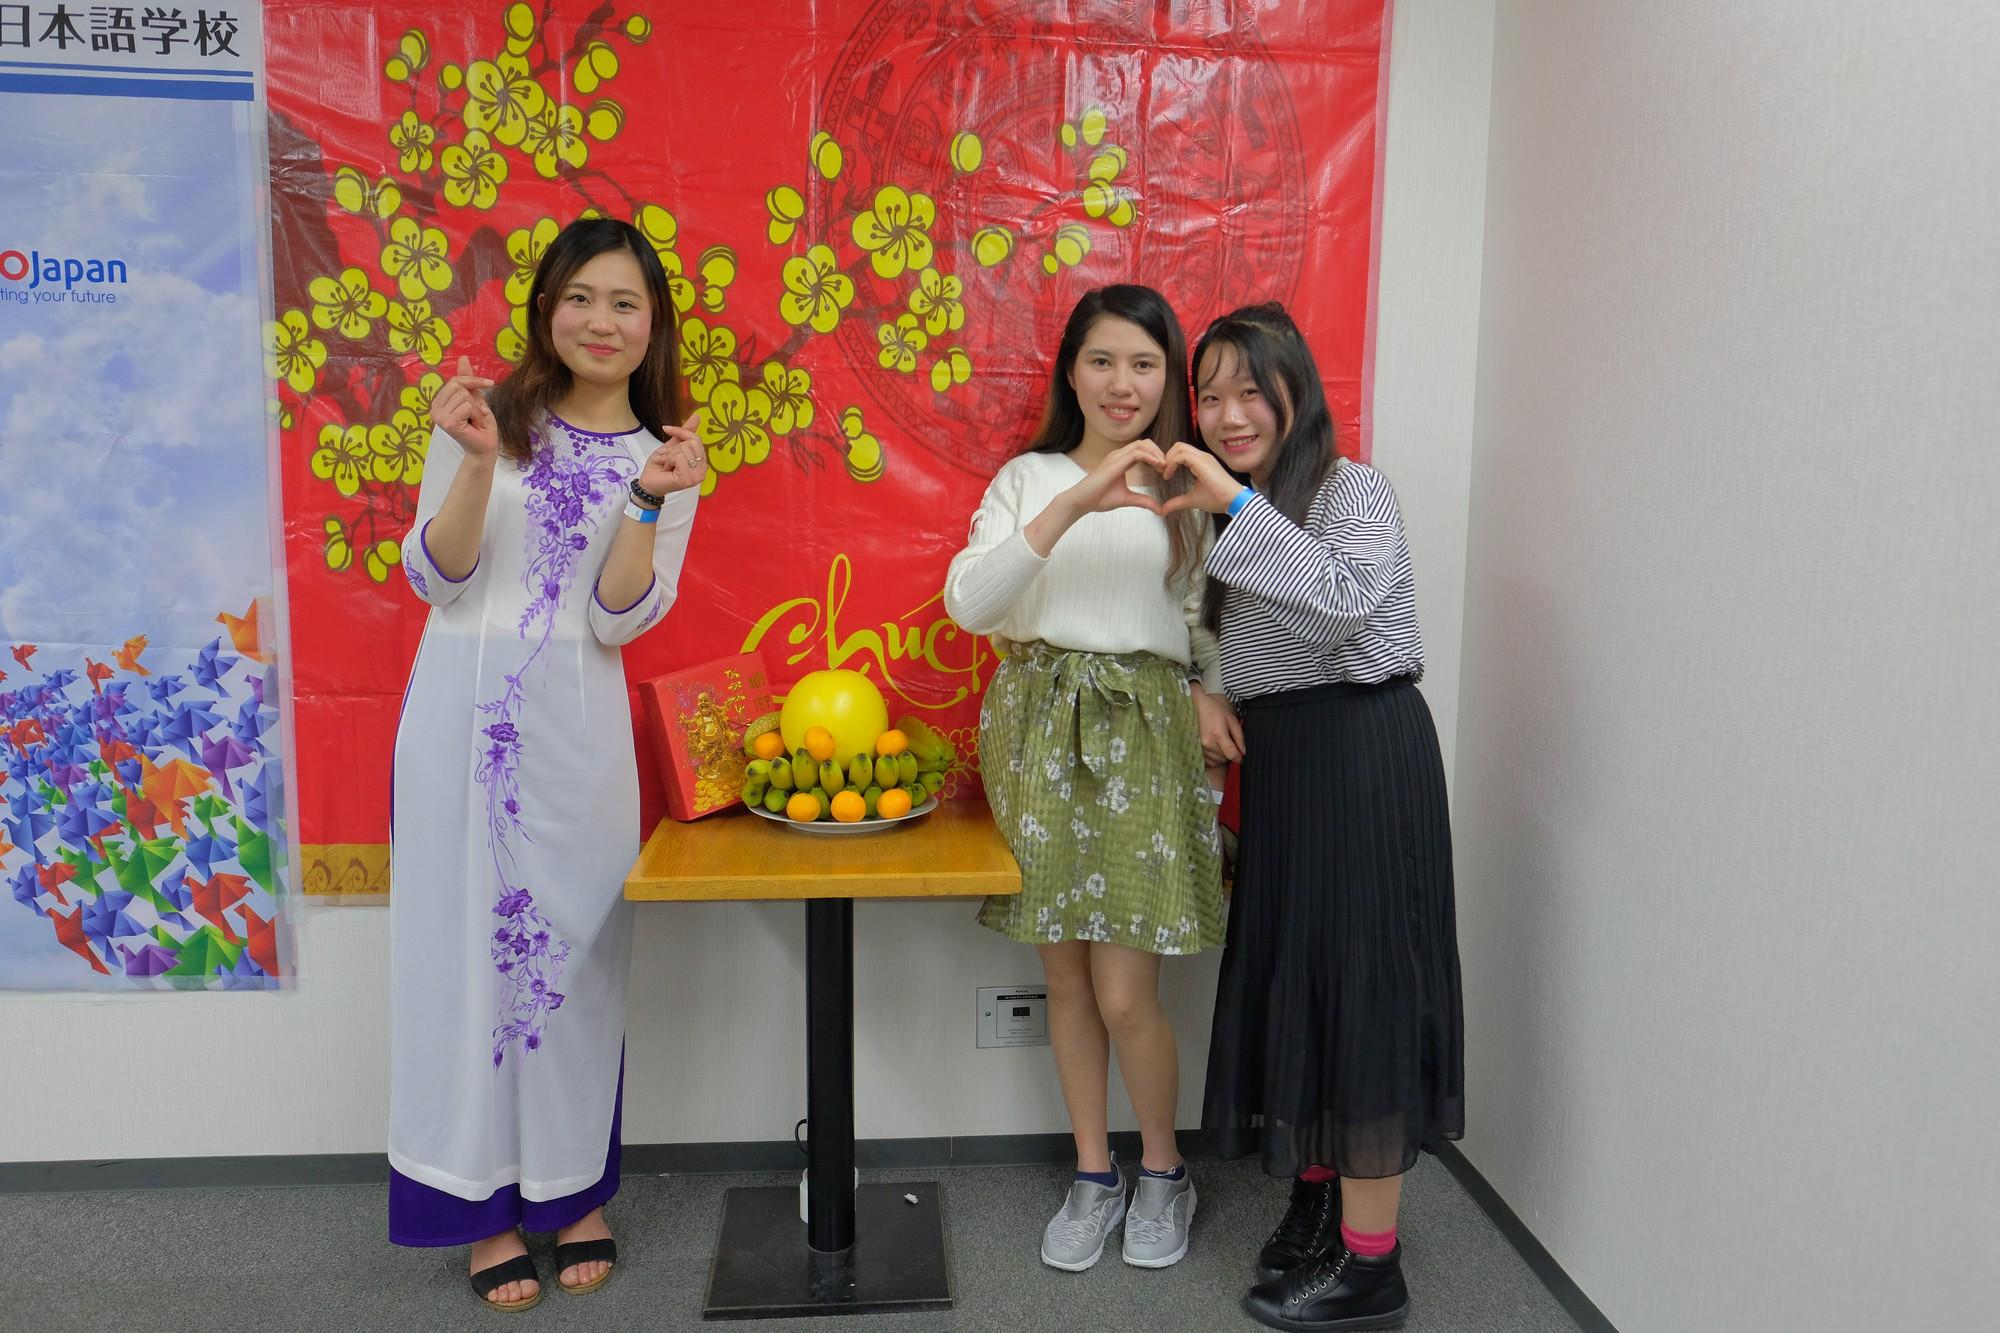 Ở nhà chưa thấy Tết đâu nhưng DHS Việt ở Nhật đã đón Tết rất hoành tráng rồi - Ảnh 9.